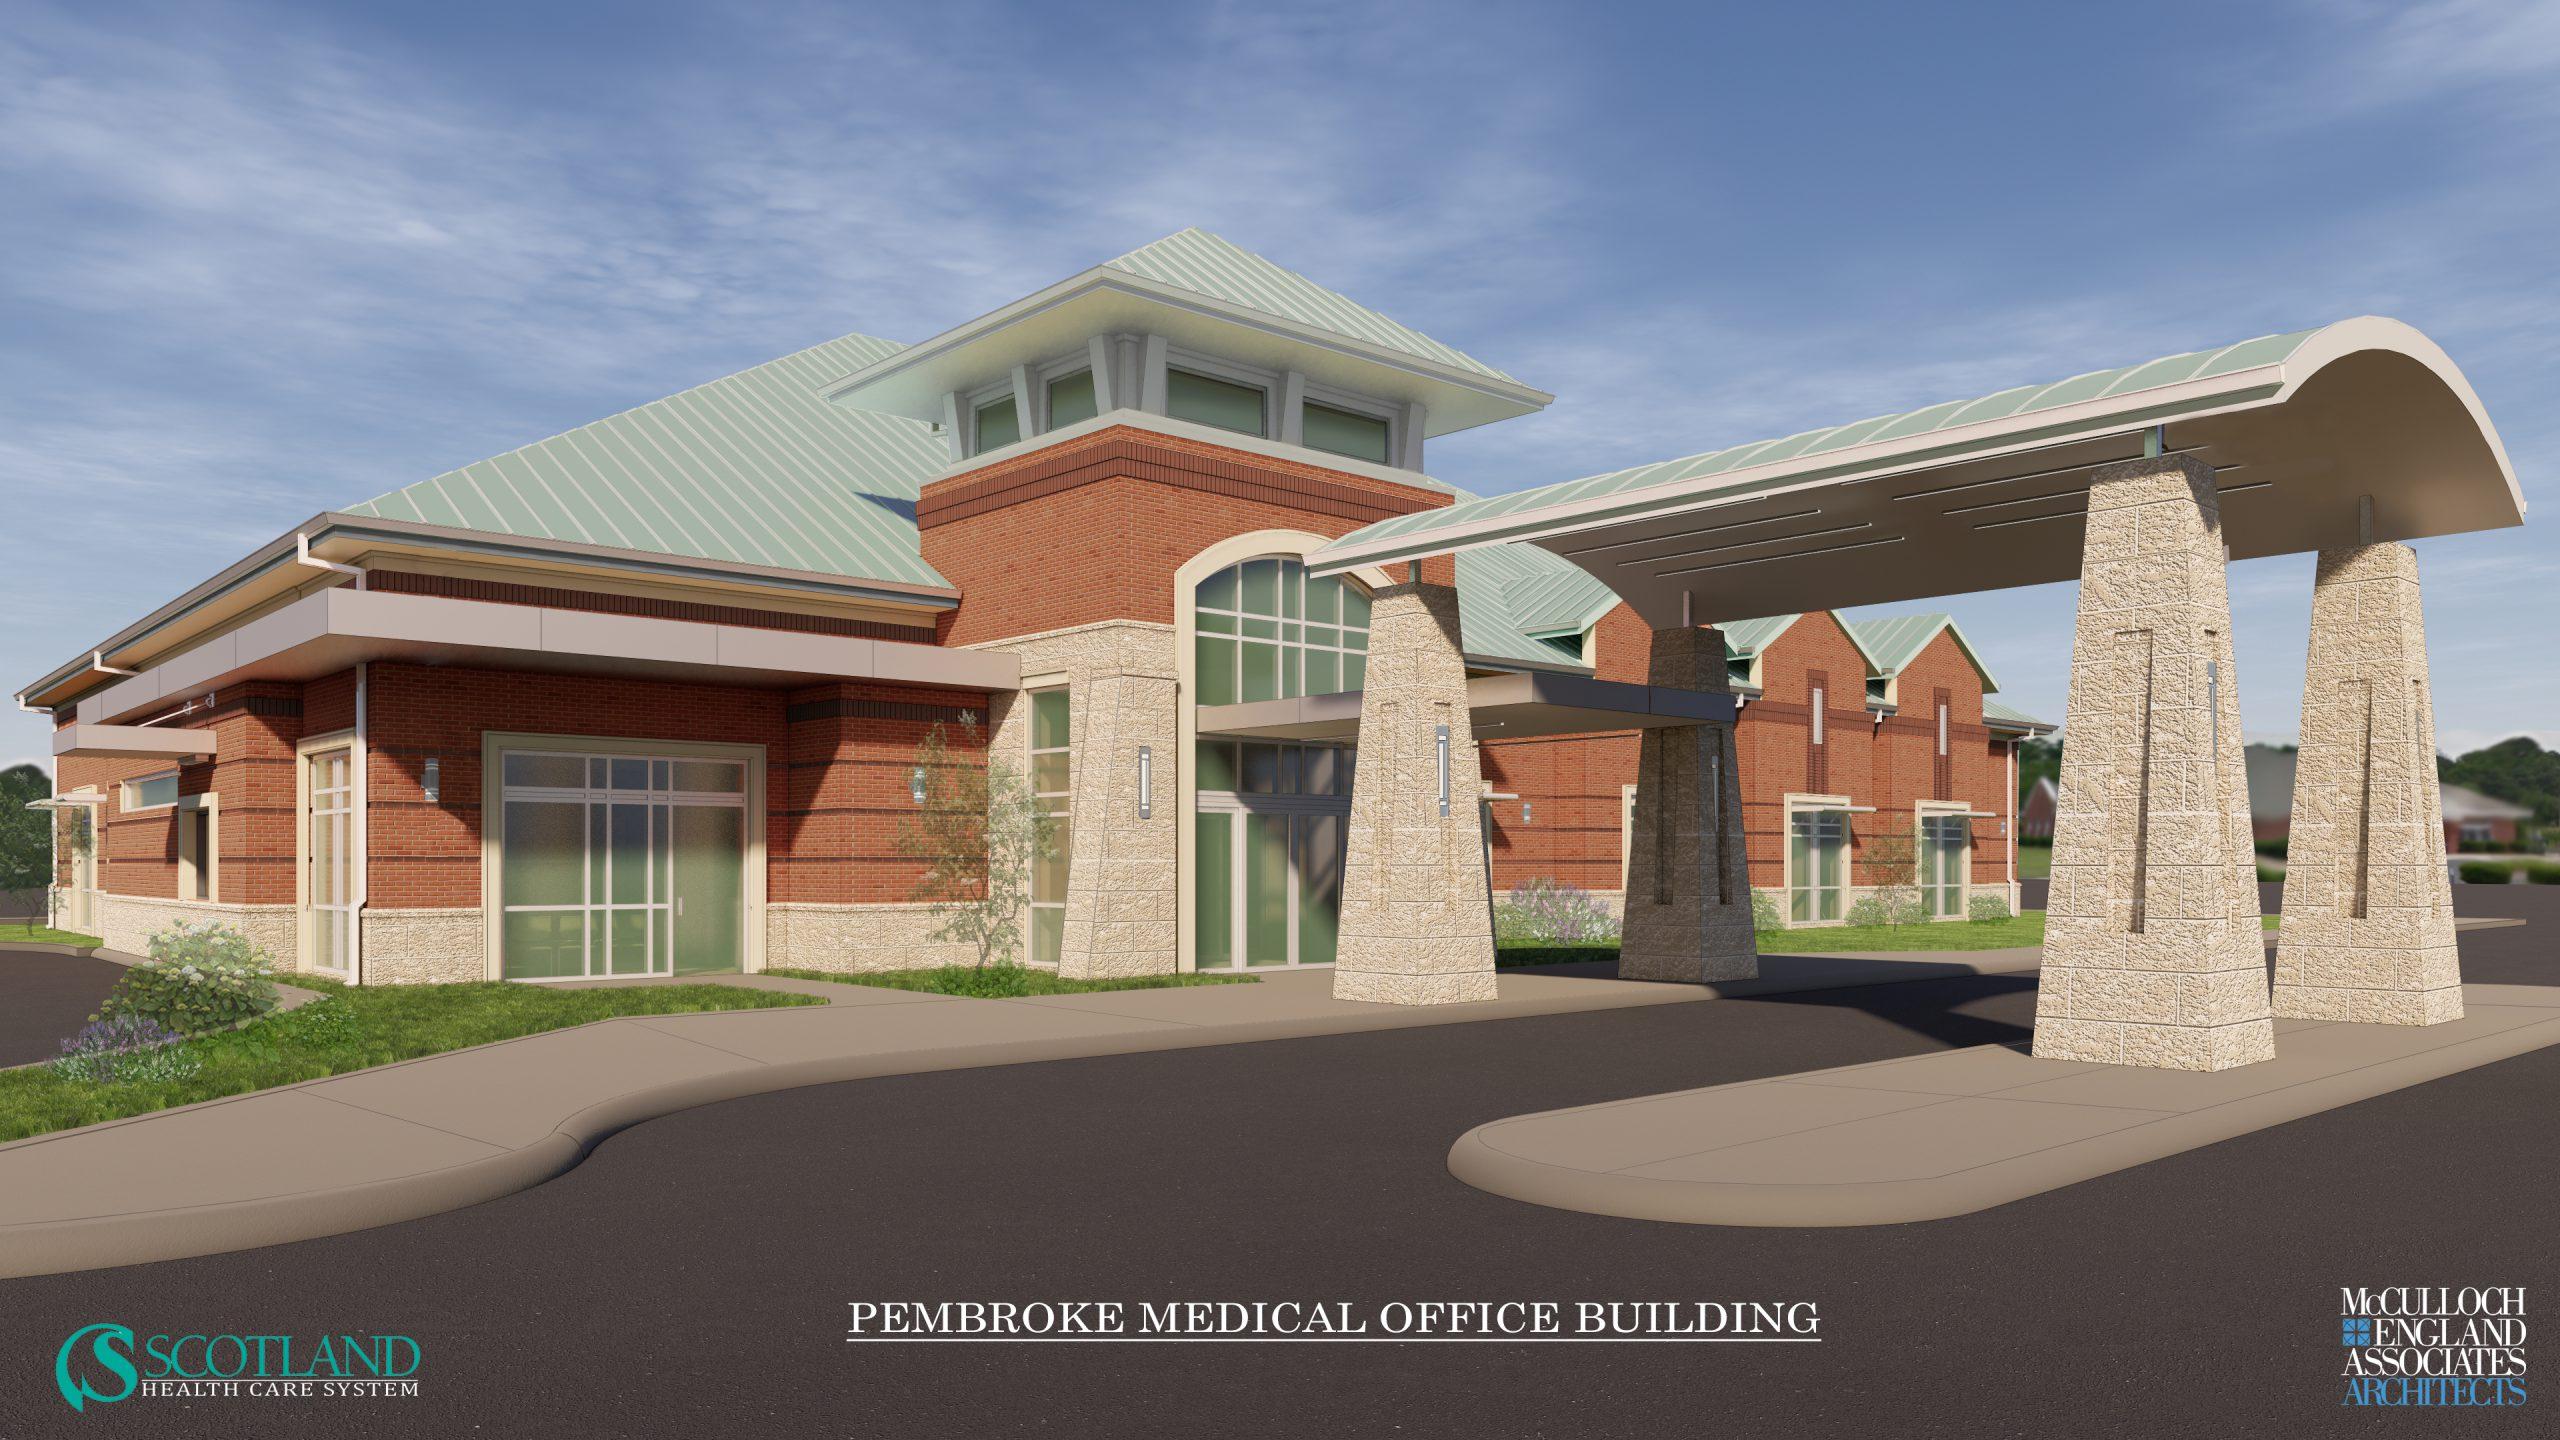 Pembroke Medical Office Building